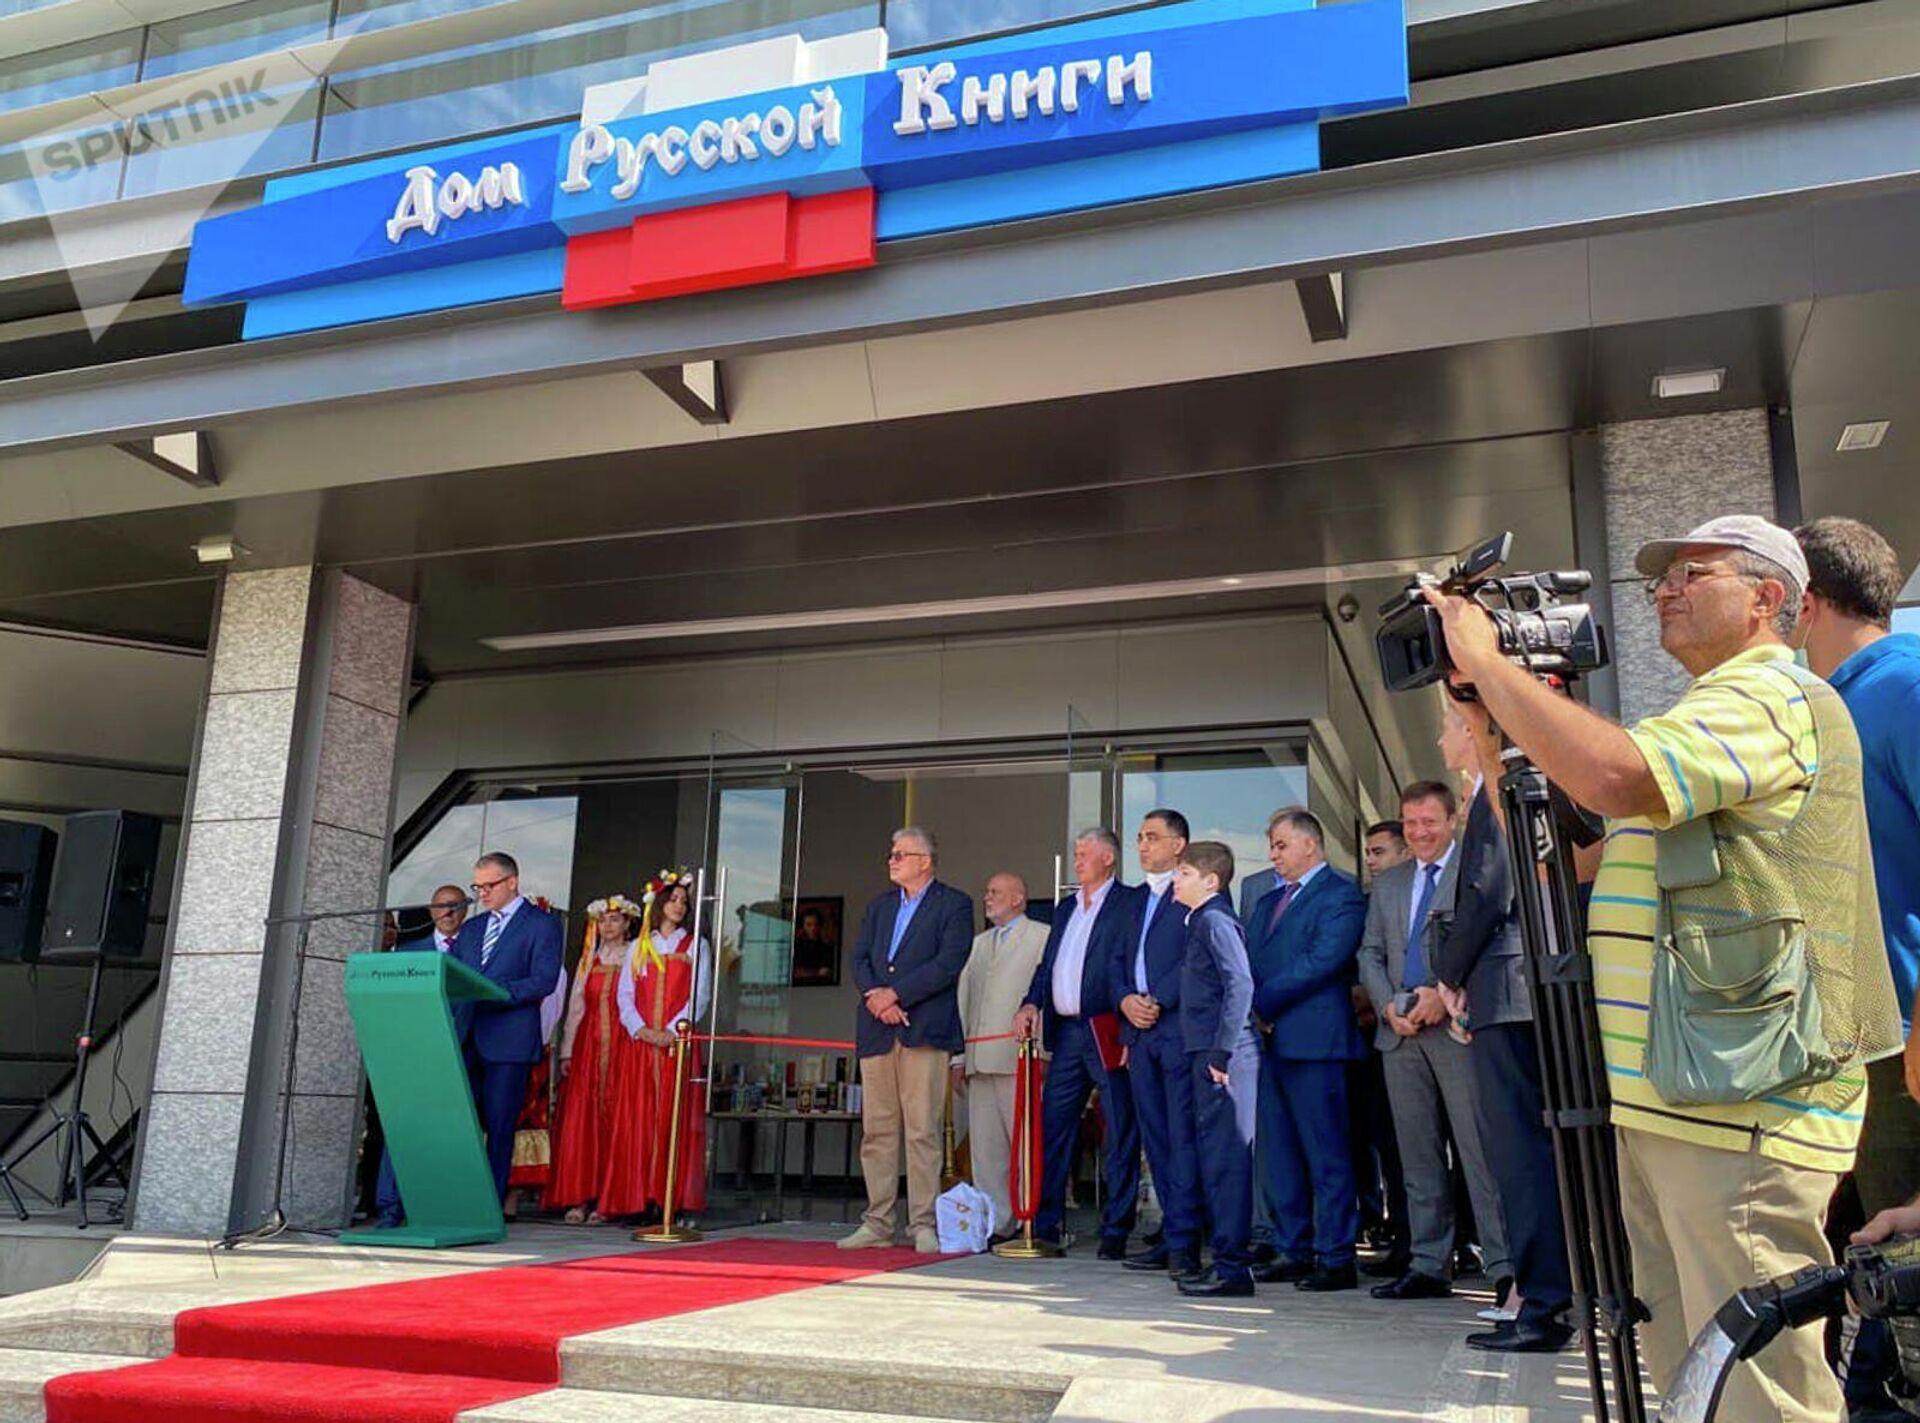 Открытие Дома Русской книги (17 сентября 2021). Еревaн - Sputnik Армения, 1920, 17.09.2021